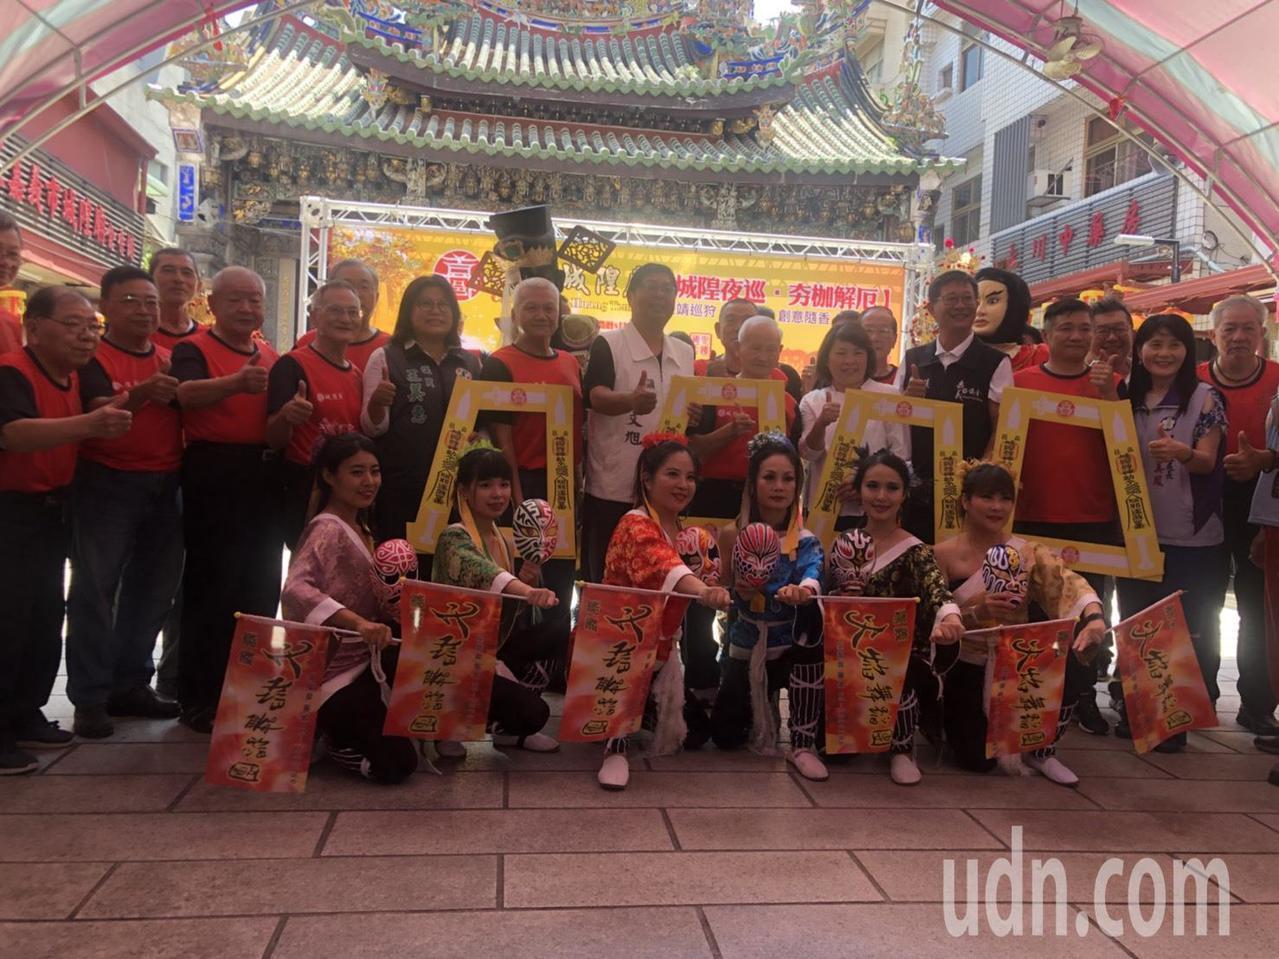 嘉義城隍廟下月30日下午2時舉辦「城隍夜巡、夯枷解厄」活動,已有日本遊客報團參加。記者李承穎/攝影